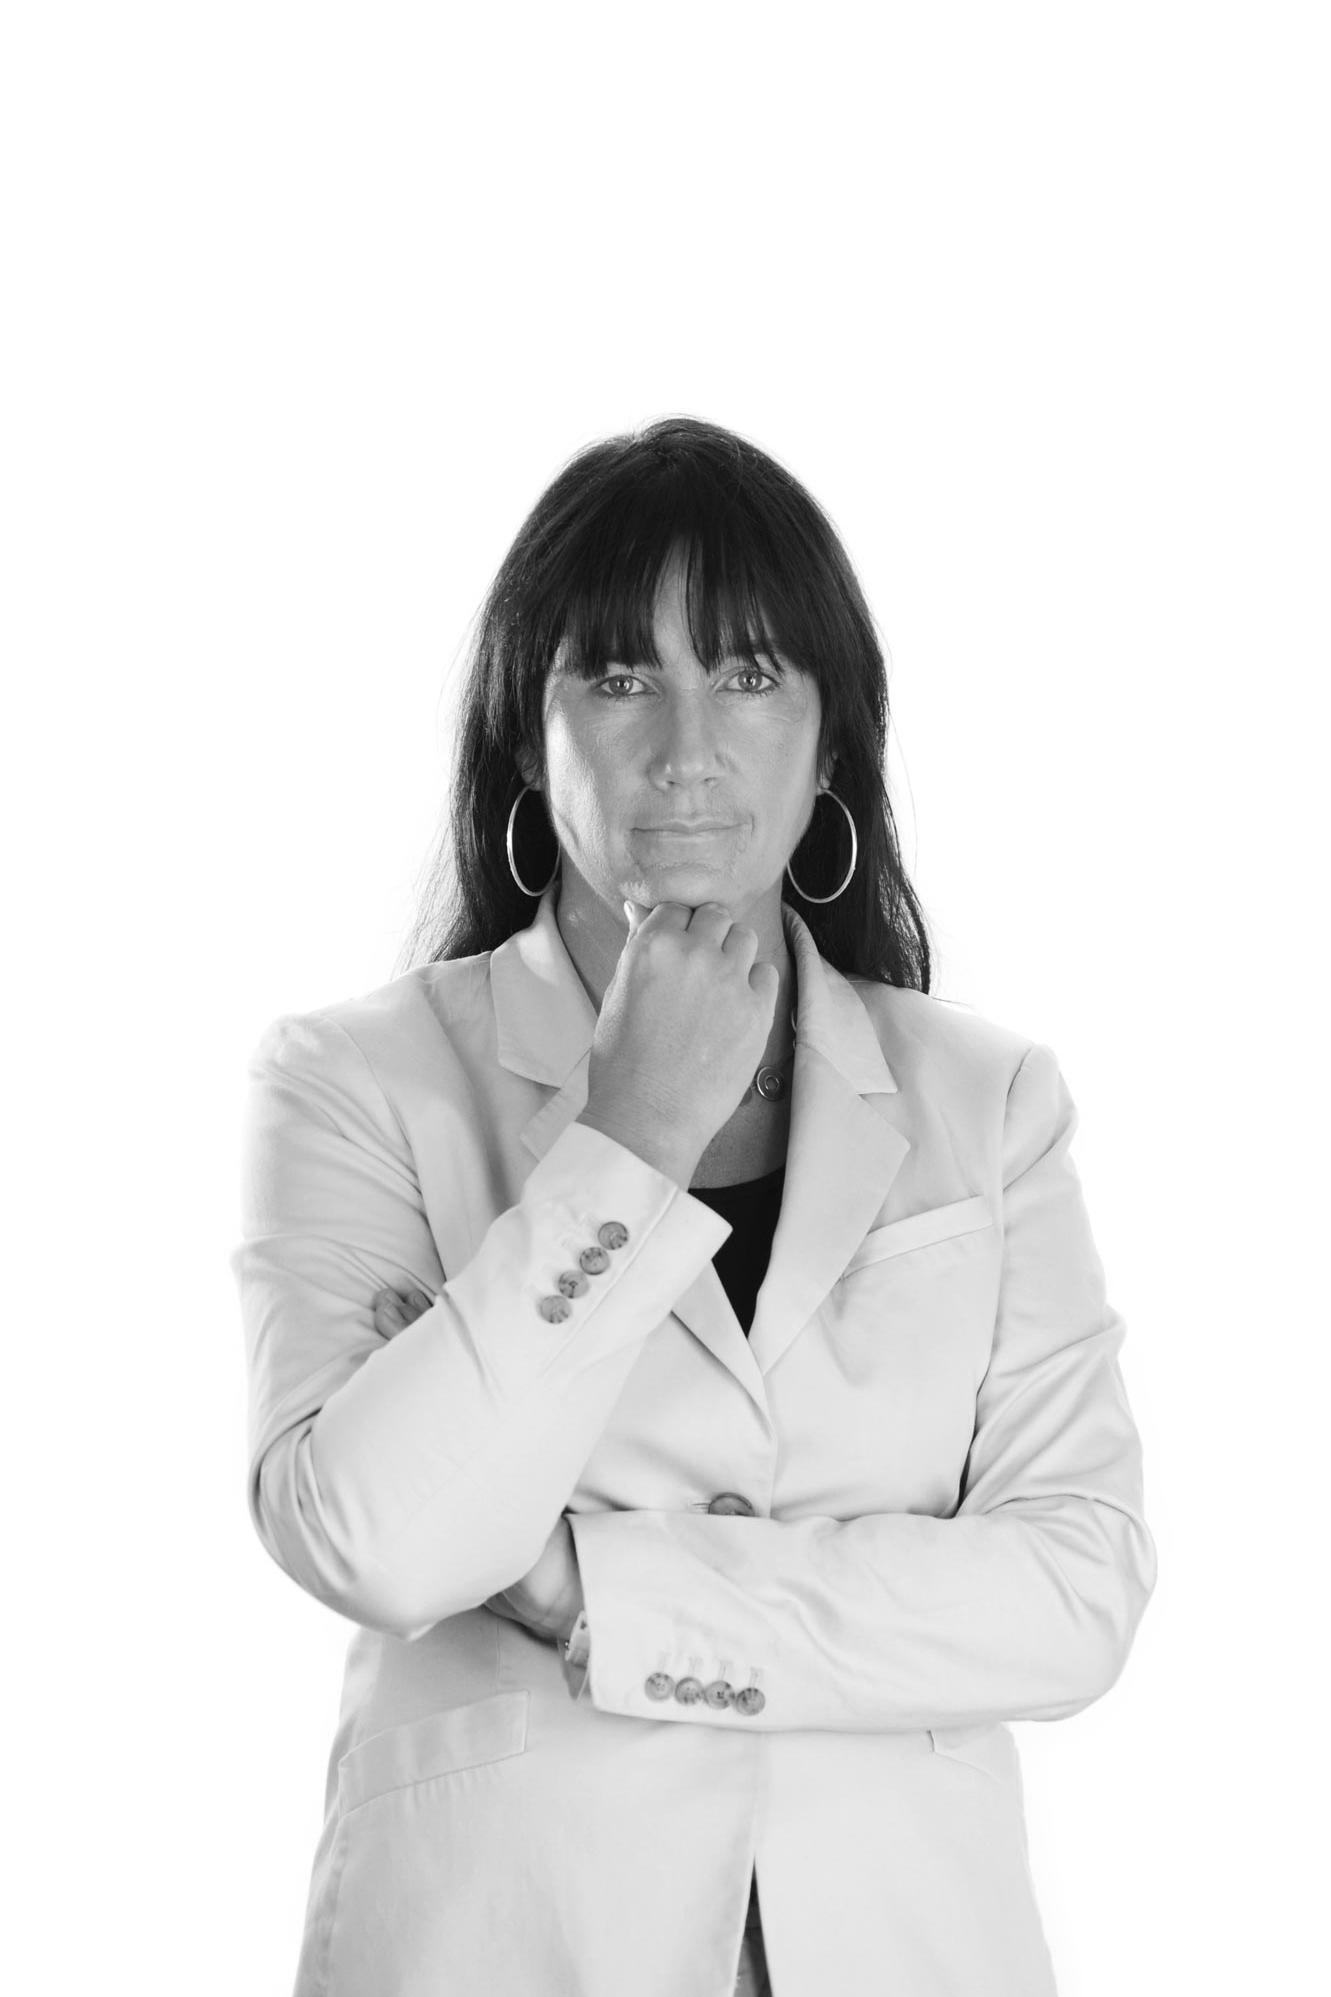 Françoise Bollen    Vastgoed- en bouwrecht Stedenbouw- en milieurecht     T  +32 (0)2 511 64 25  F  +32 (0)2 514 22 31  E :   f.bollen@wery.legal